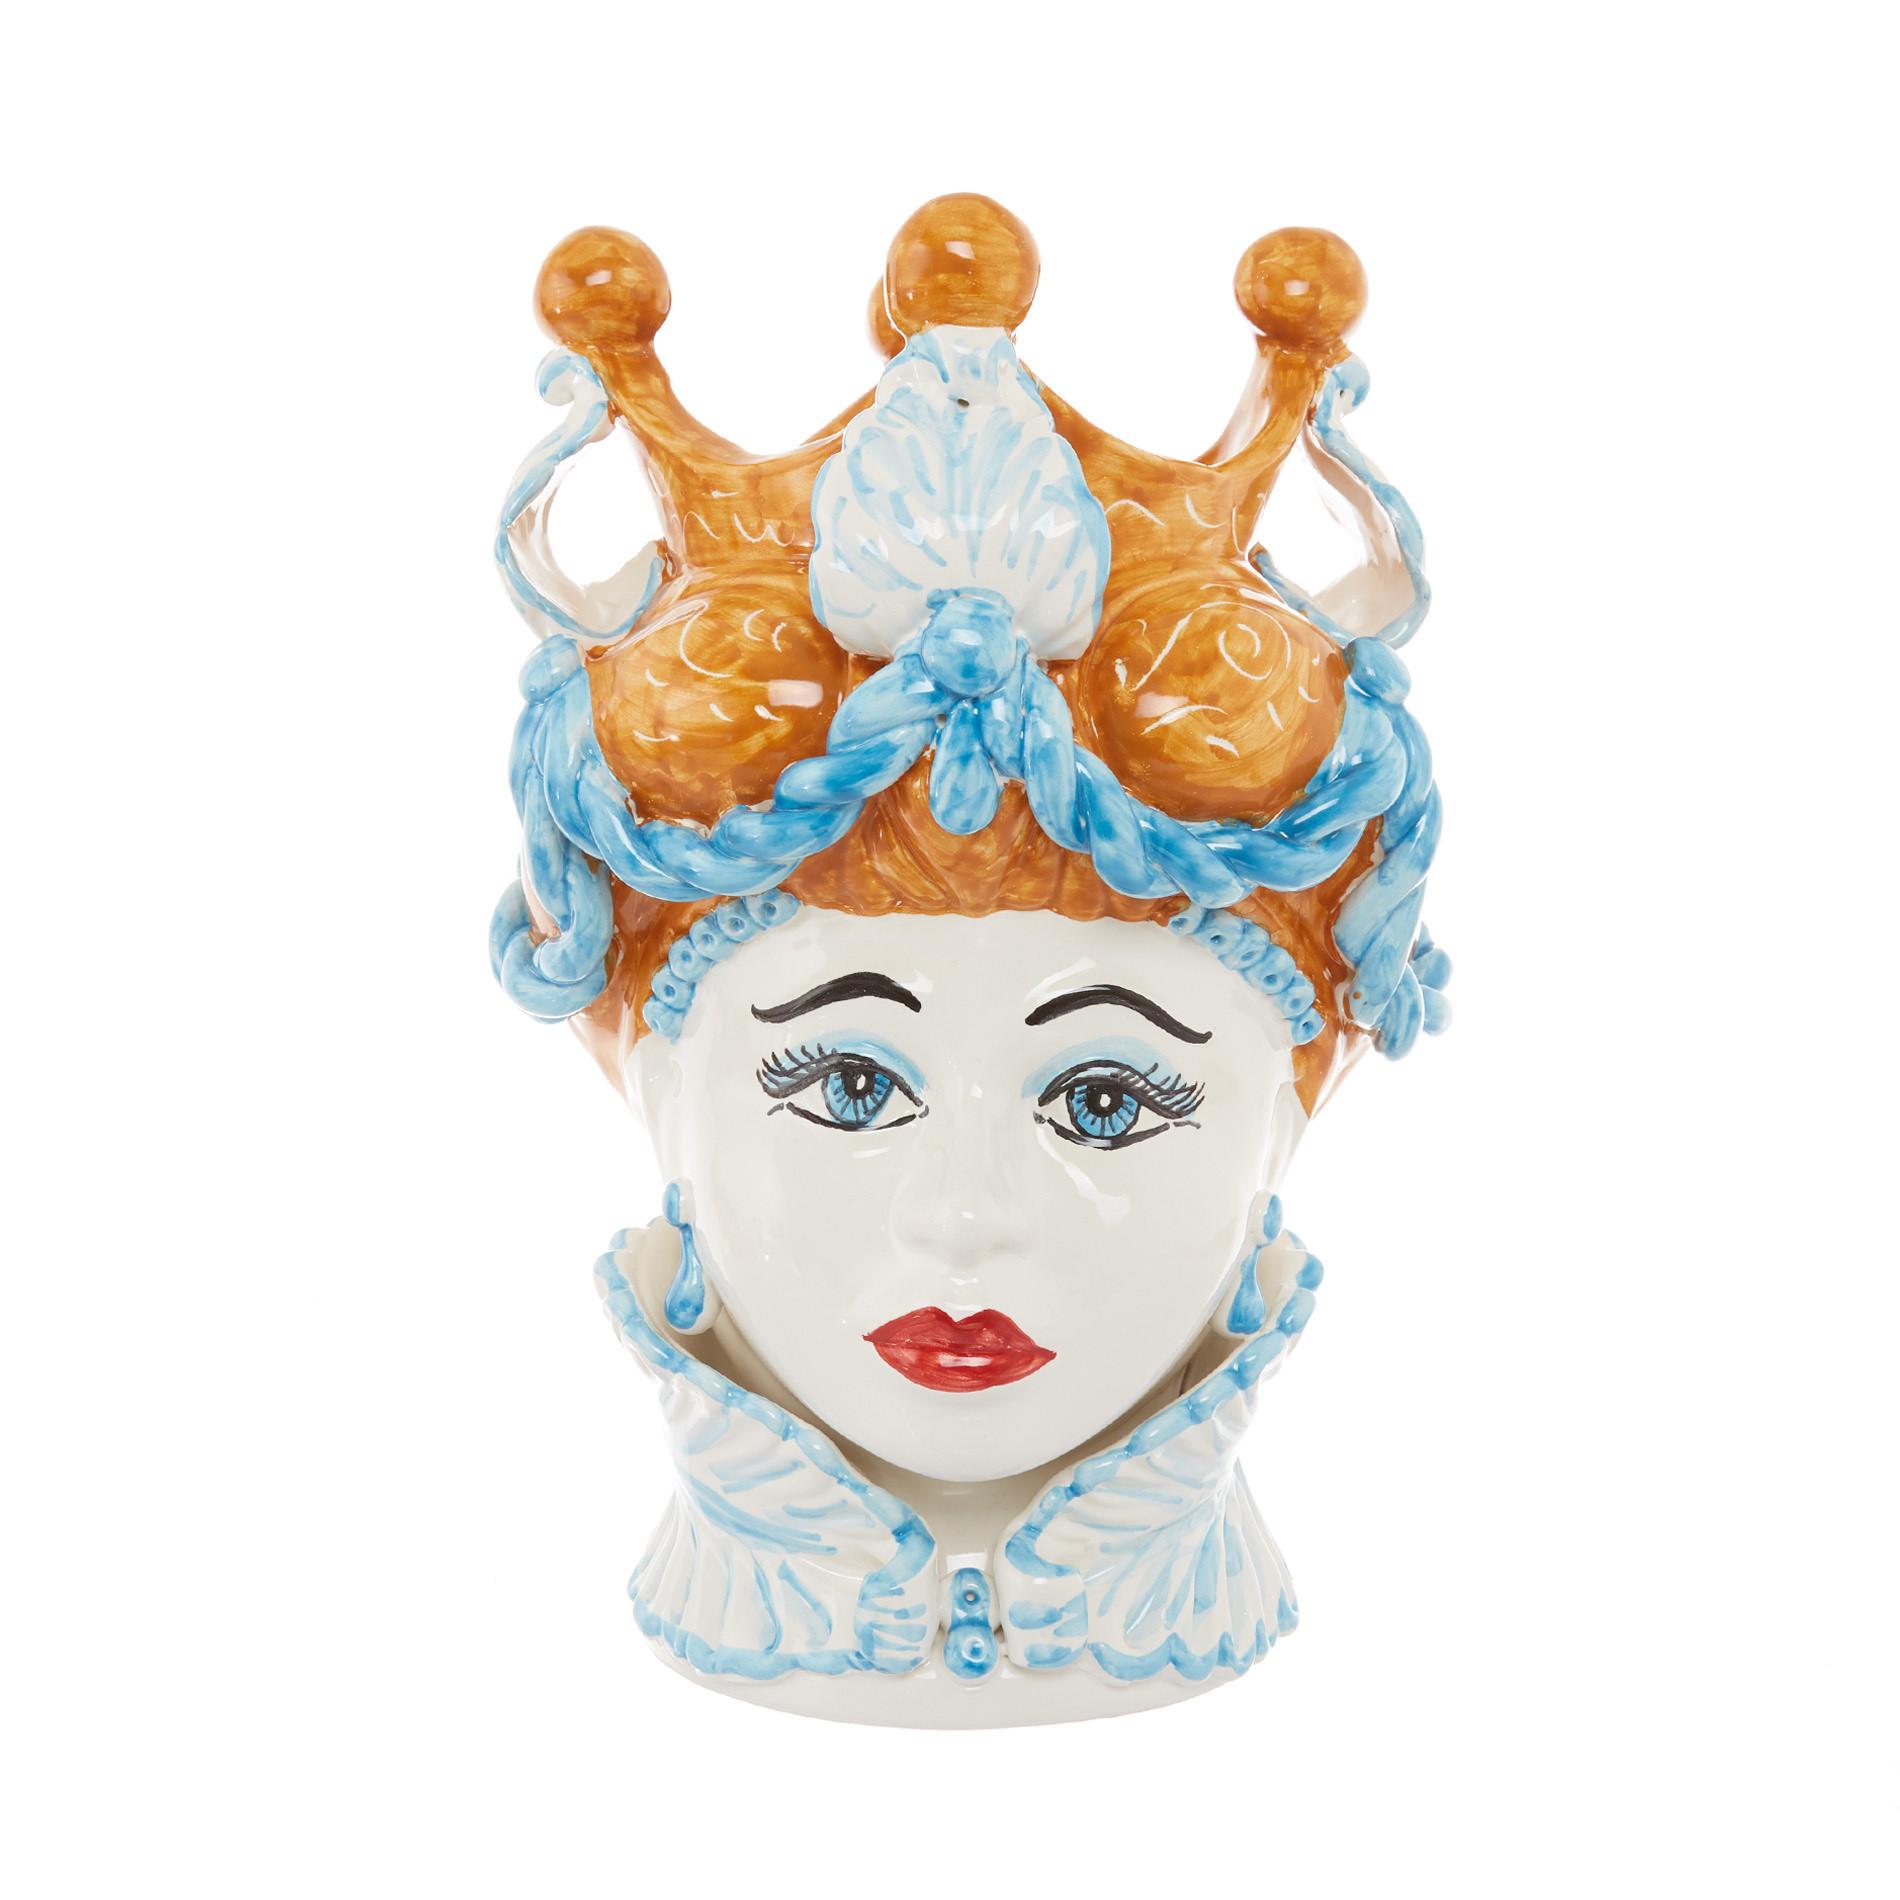 Testa di moro arabesque by Ceramiche Siciliane Ruggeri, Multicolor, large image number 0